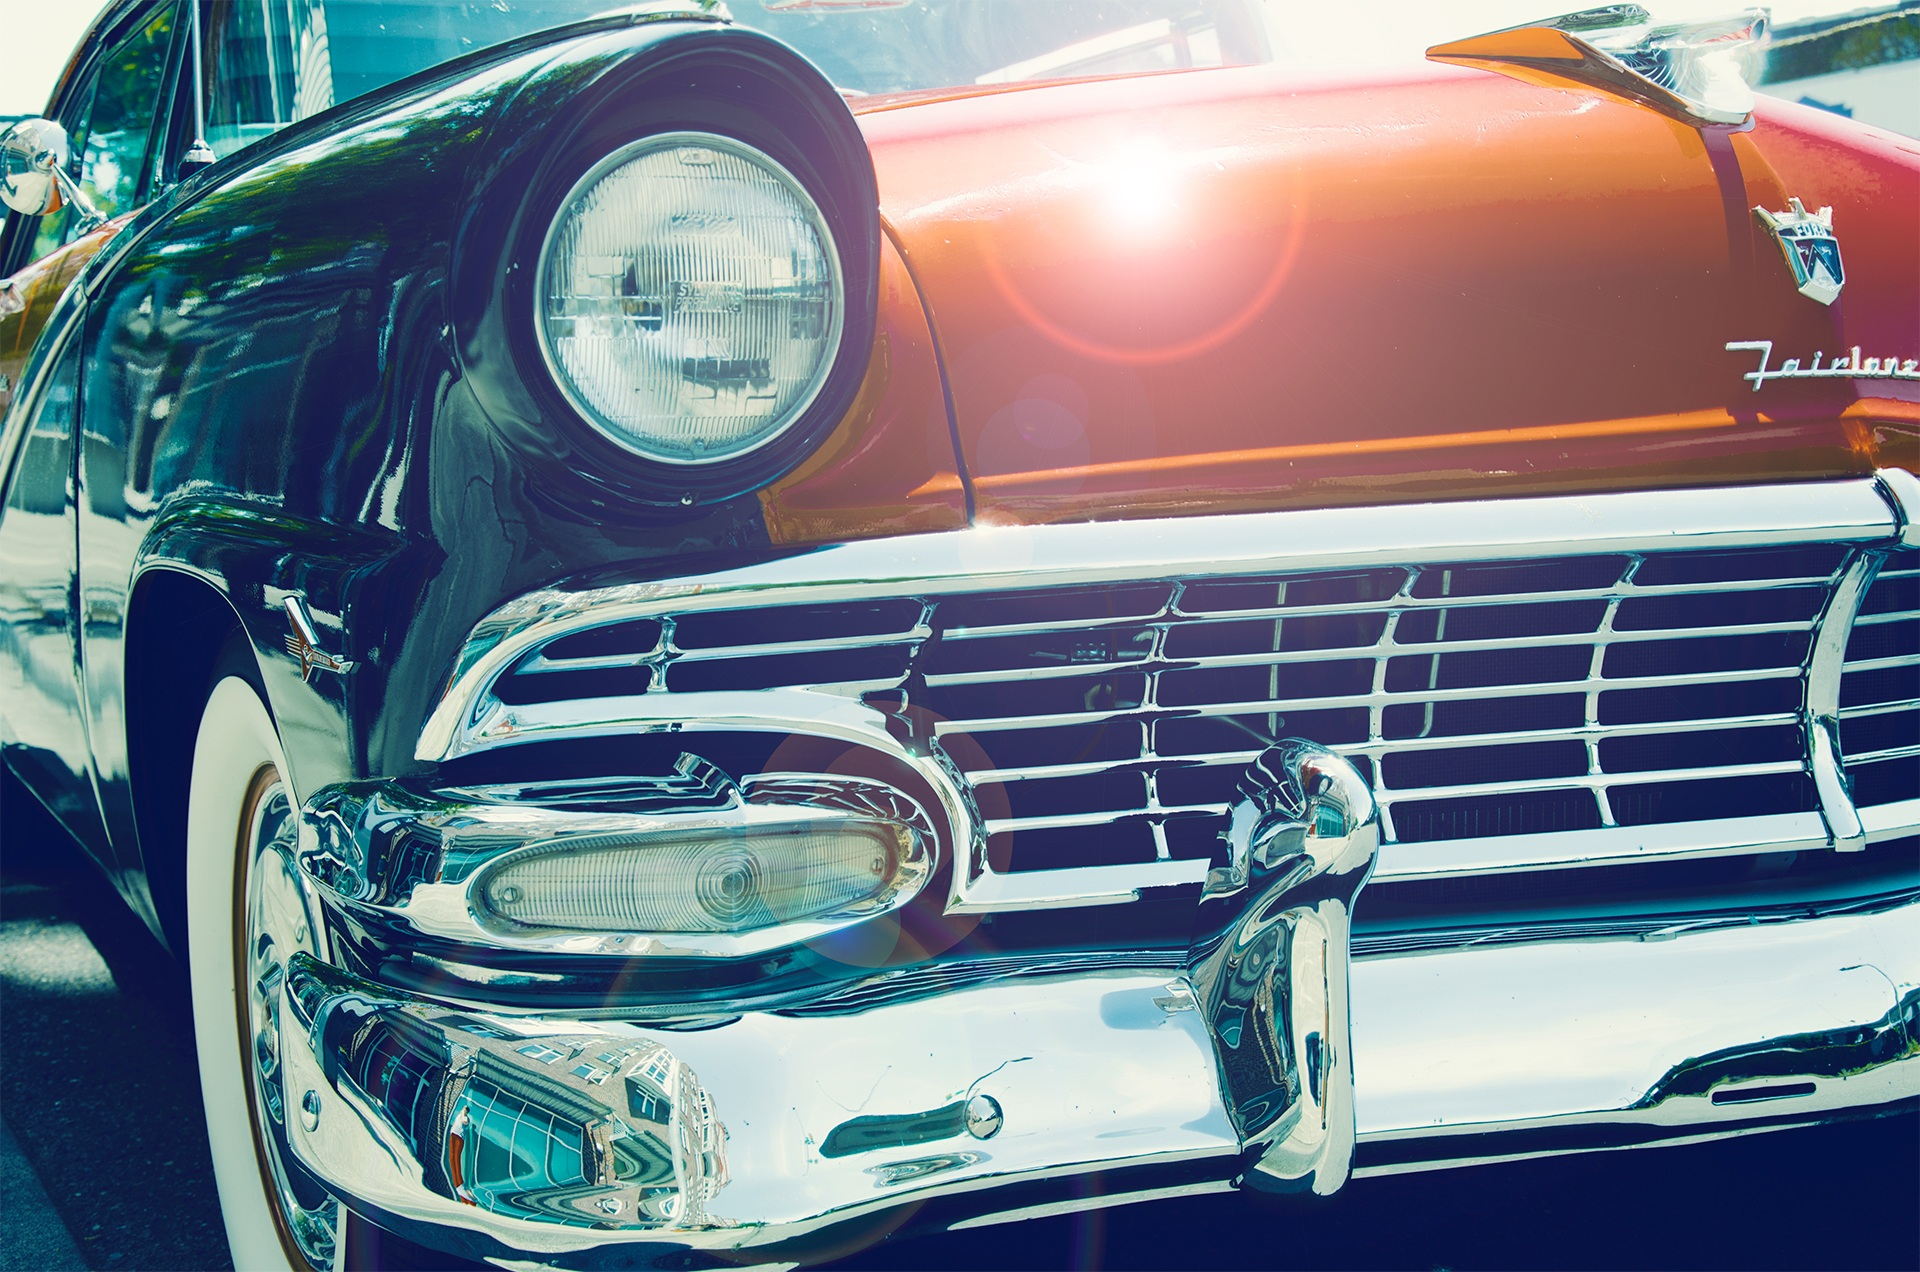 車, 古い, クラシック, ヴィンテージ, フォード - HD の壁紙 - 教授-falken.com